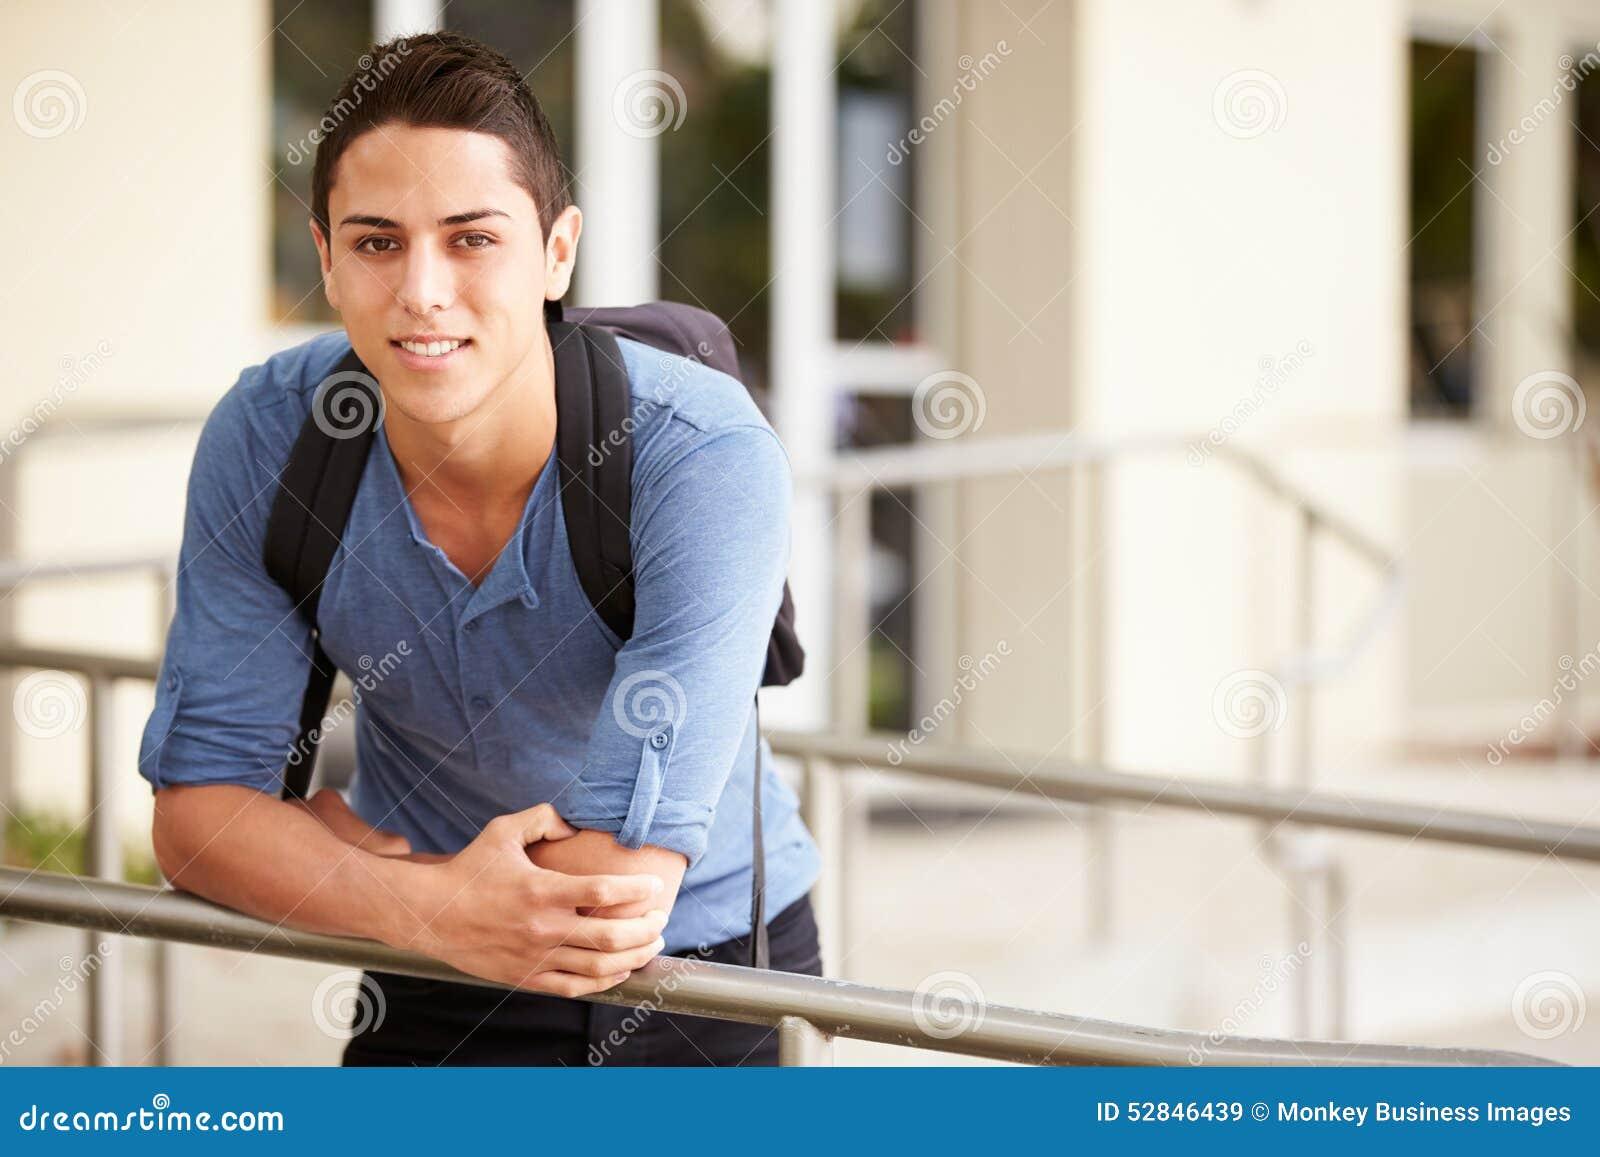 Retrato do estudante masculino Outdoors da High School